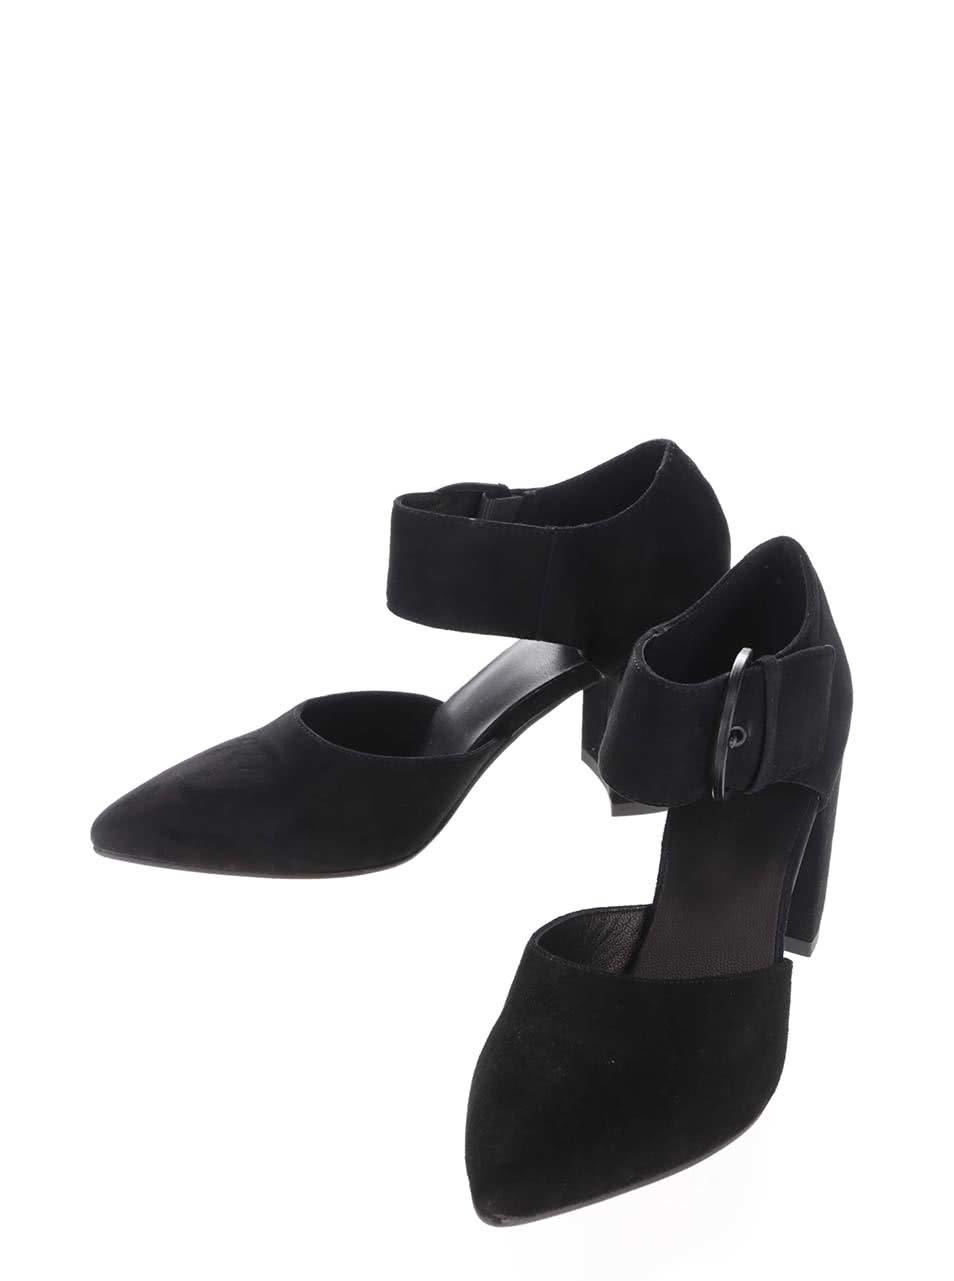 Černé semišové boty na podpatku se širokým páskem Vagabond Saida ... 6ebf5f3890